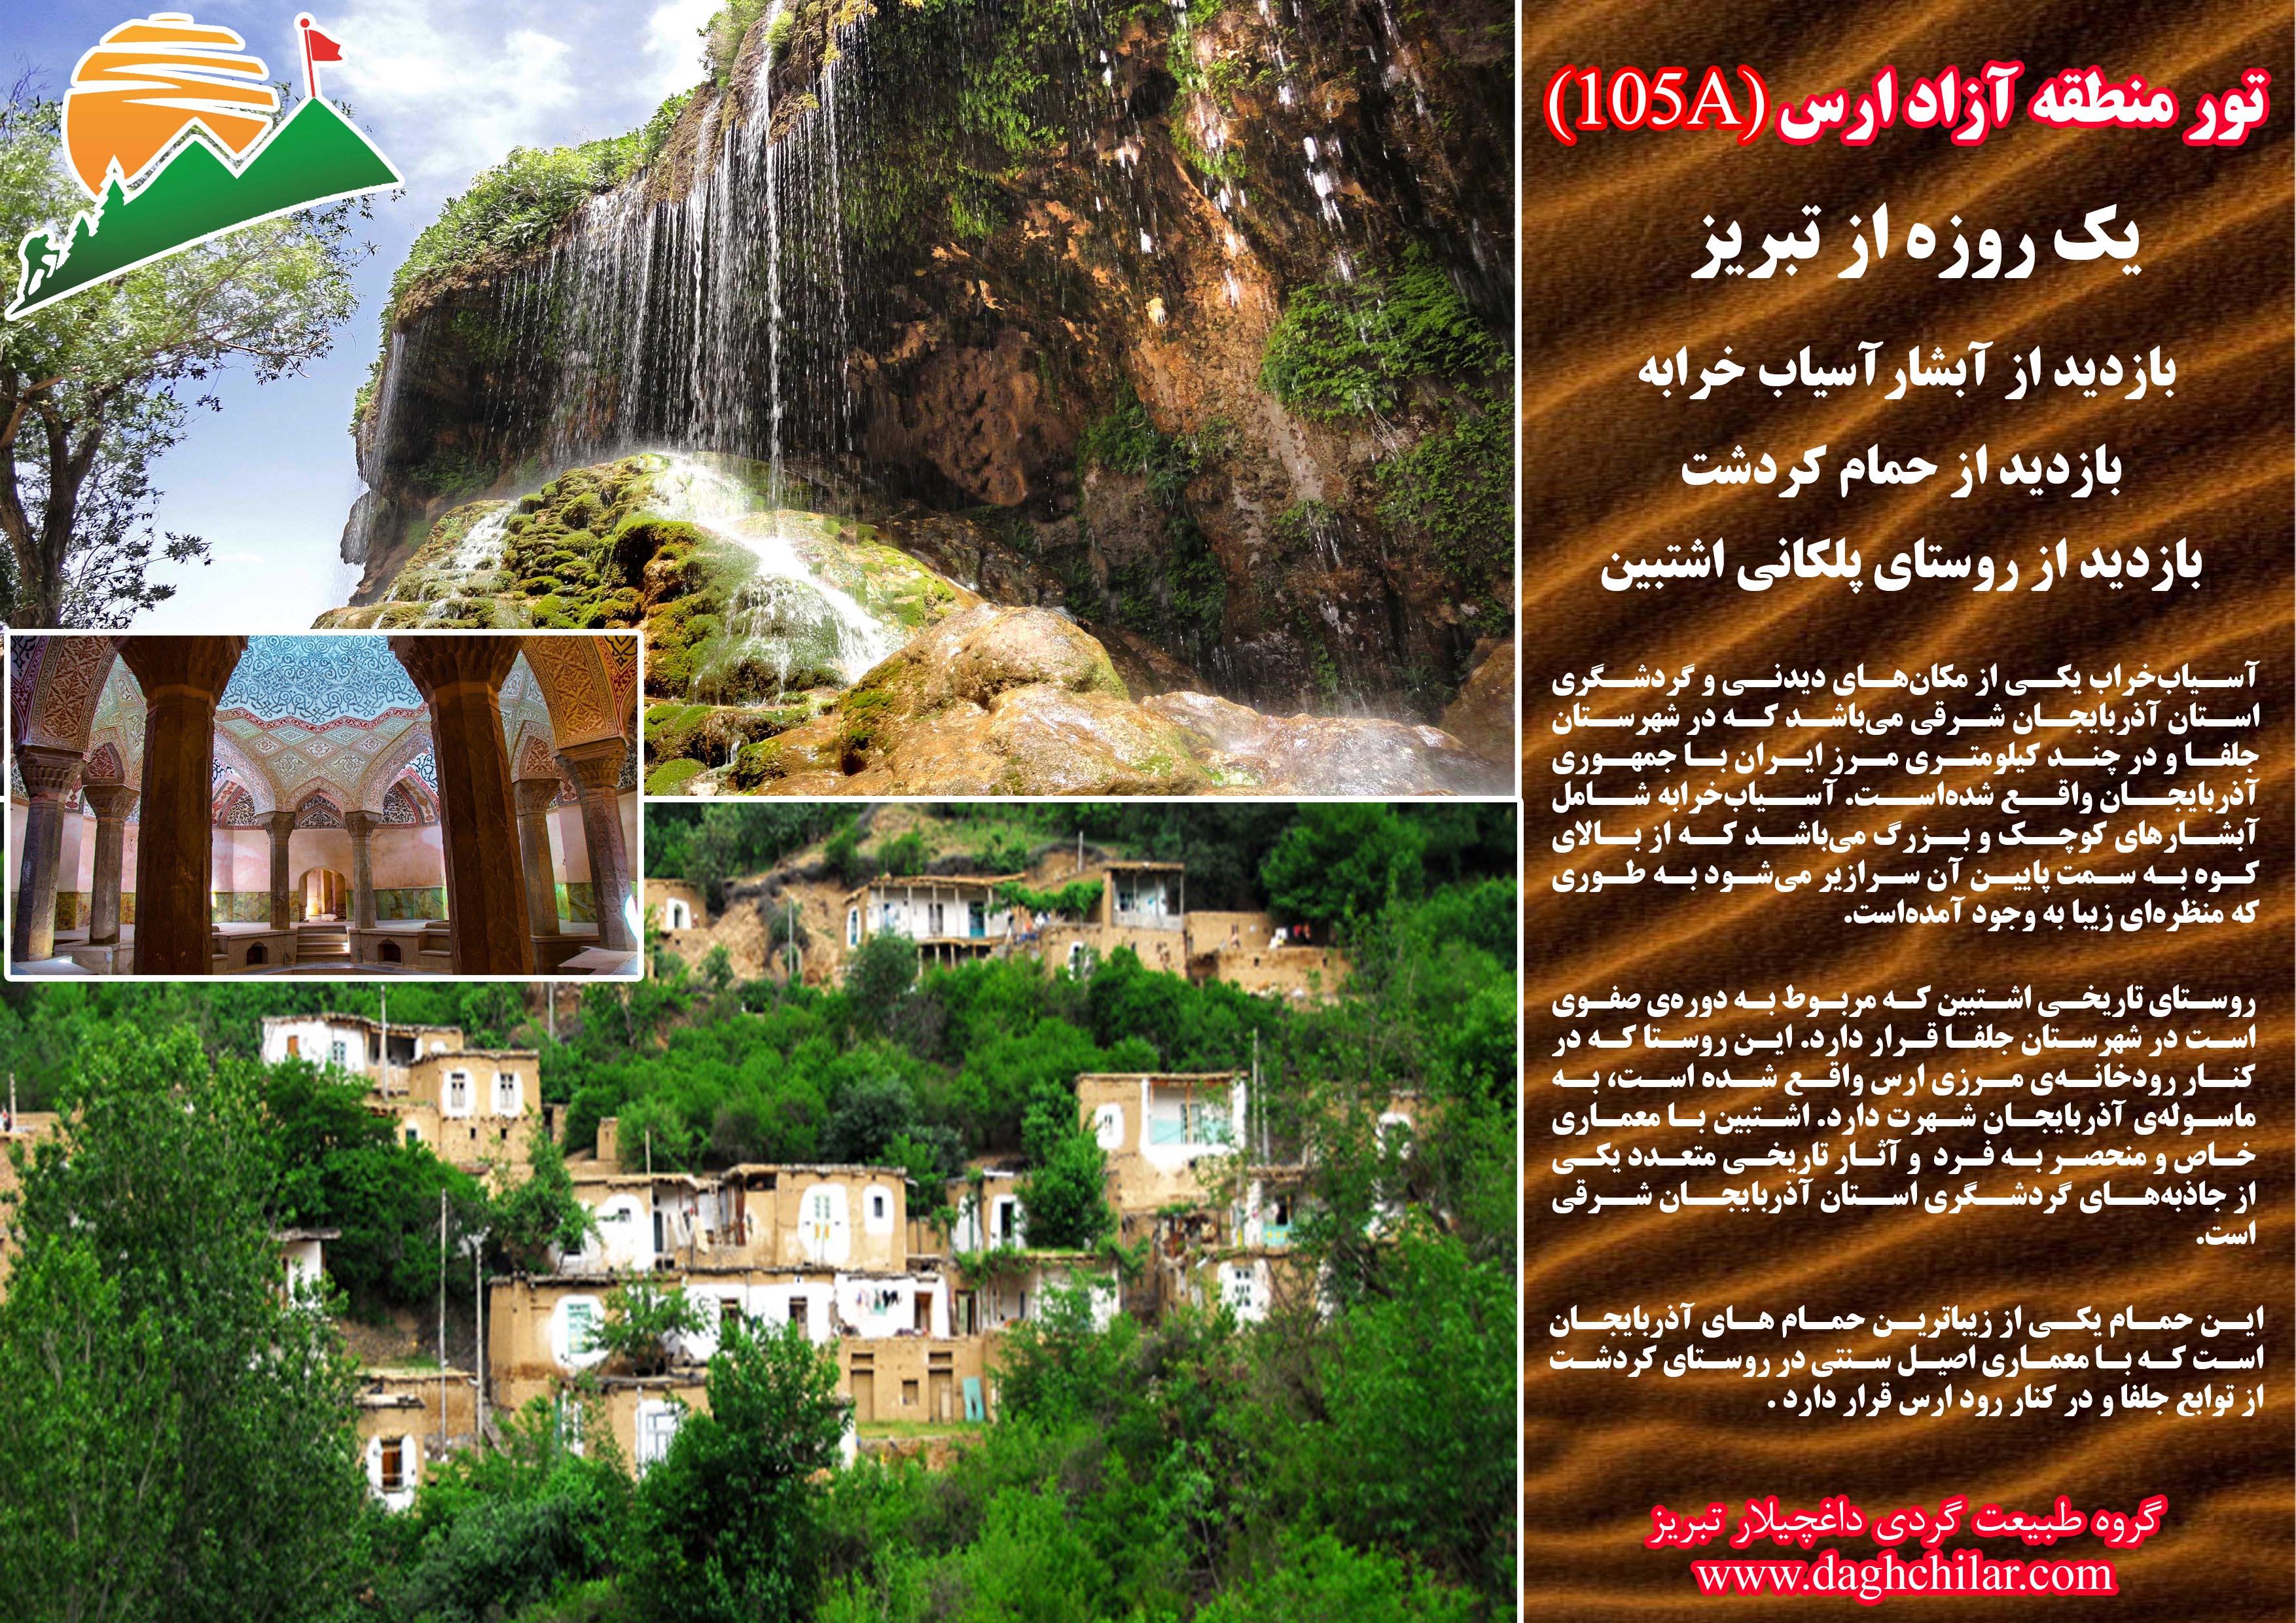 تصویر از تور پیشنهادی ماسوله آذربایجان ، آبشار آسیاب خرابه و حمام کردشت جلفا